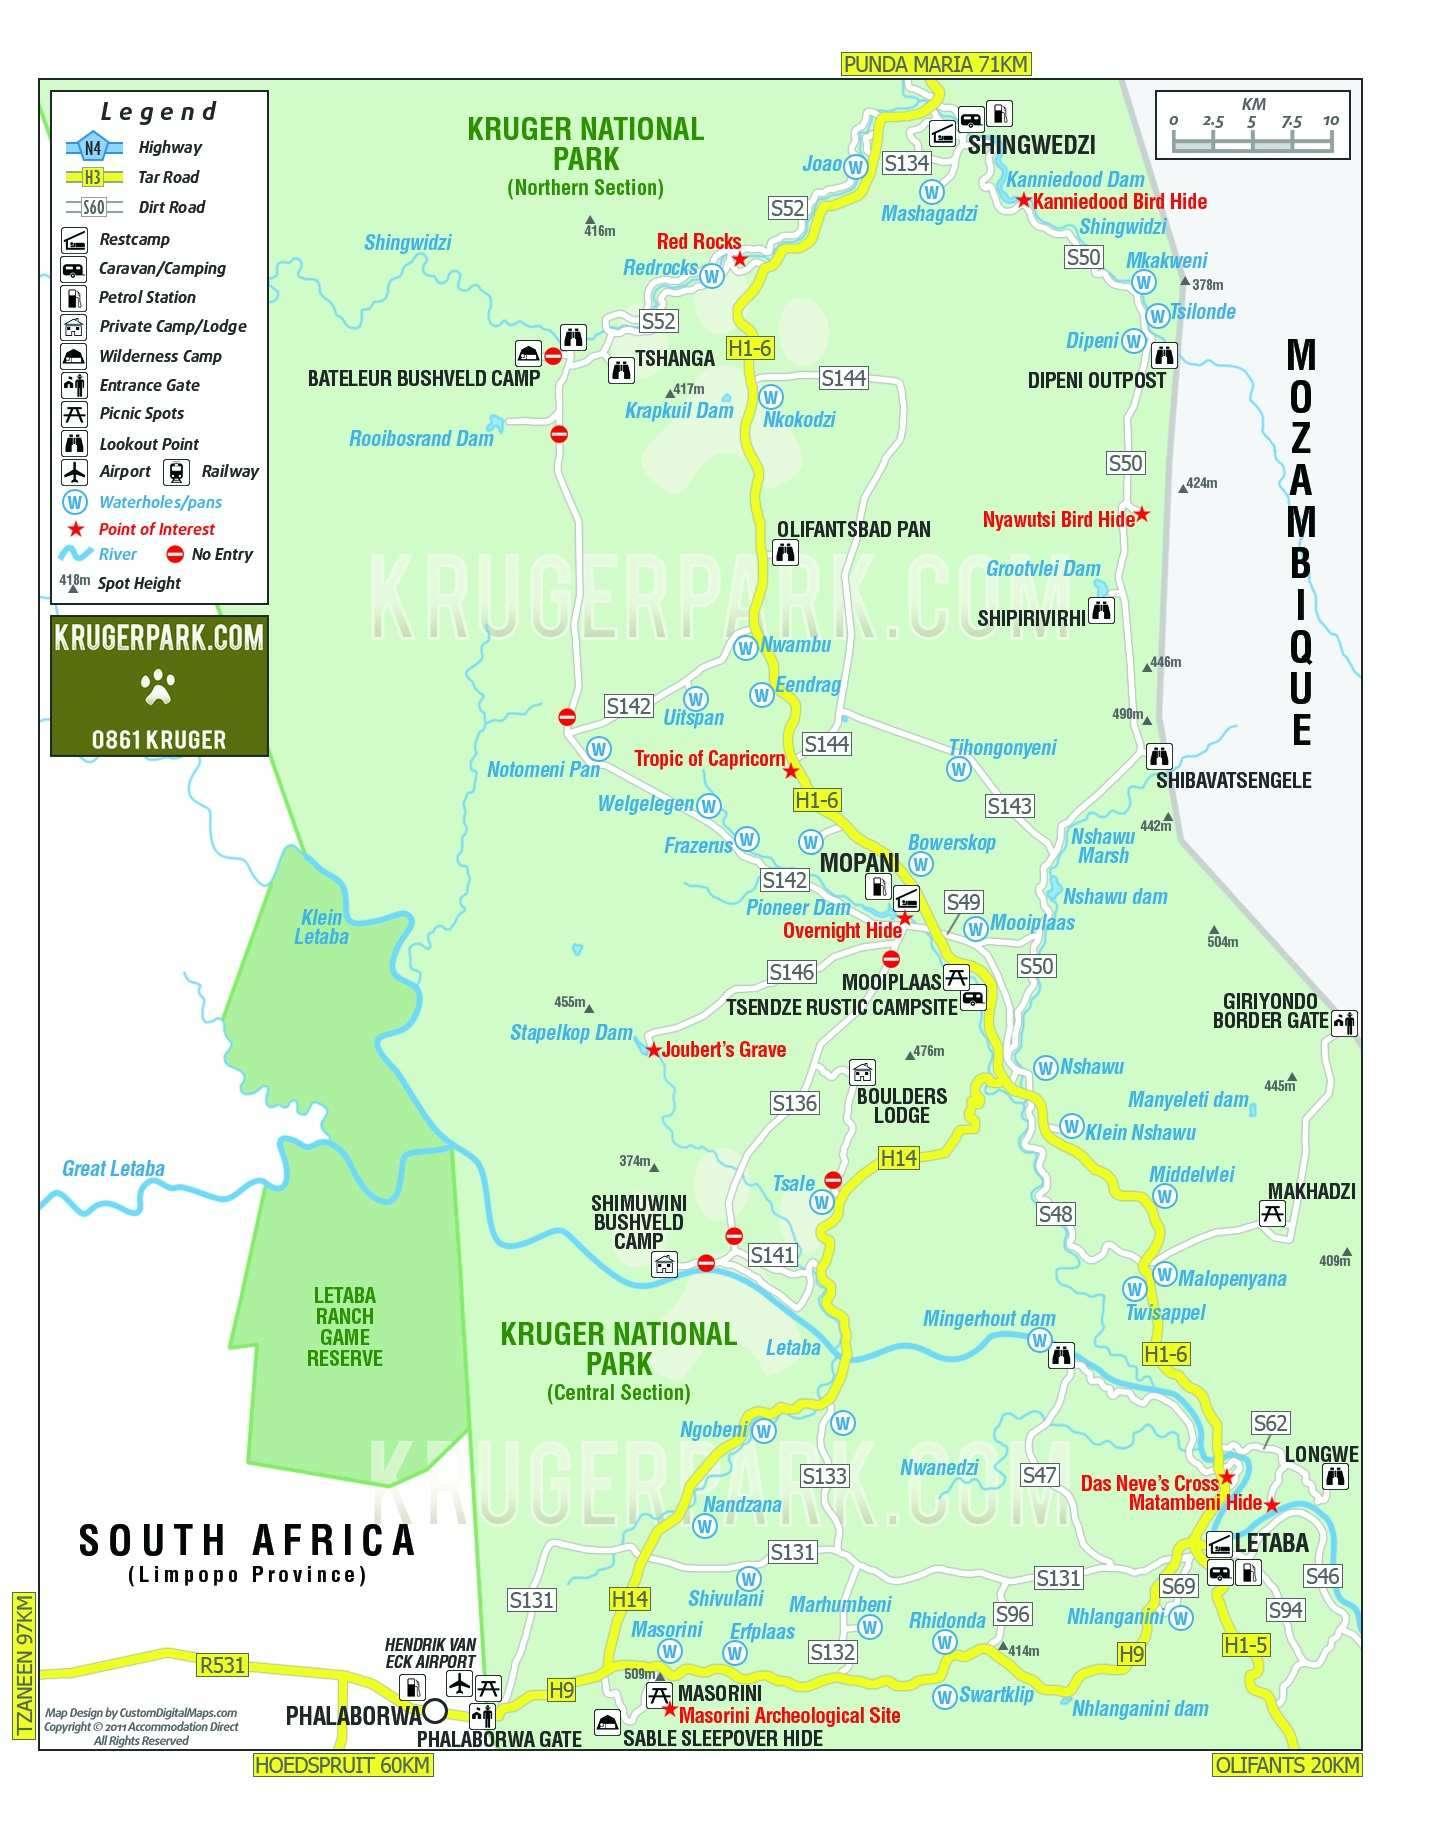 Carte Parc Kruger Afrique Du Sud.Parc National Kruger Afrique Du Sud Afrique Tourisme